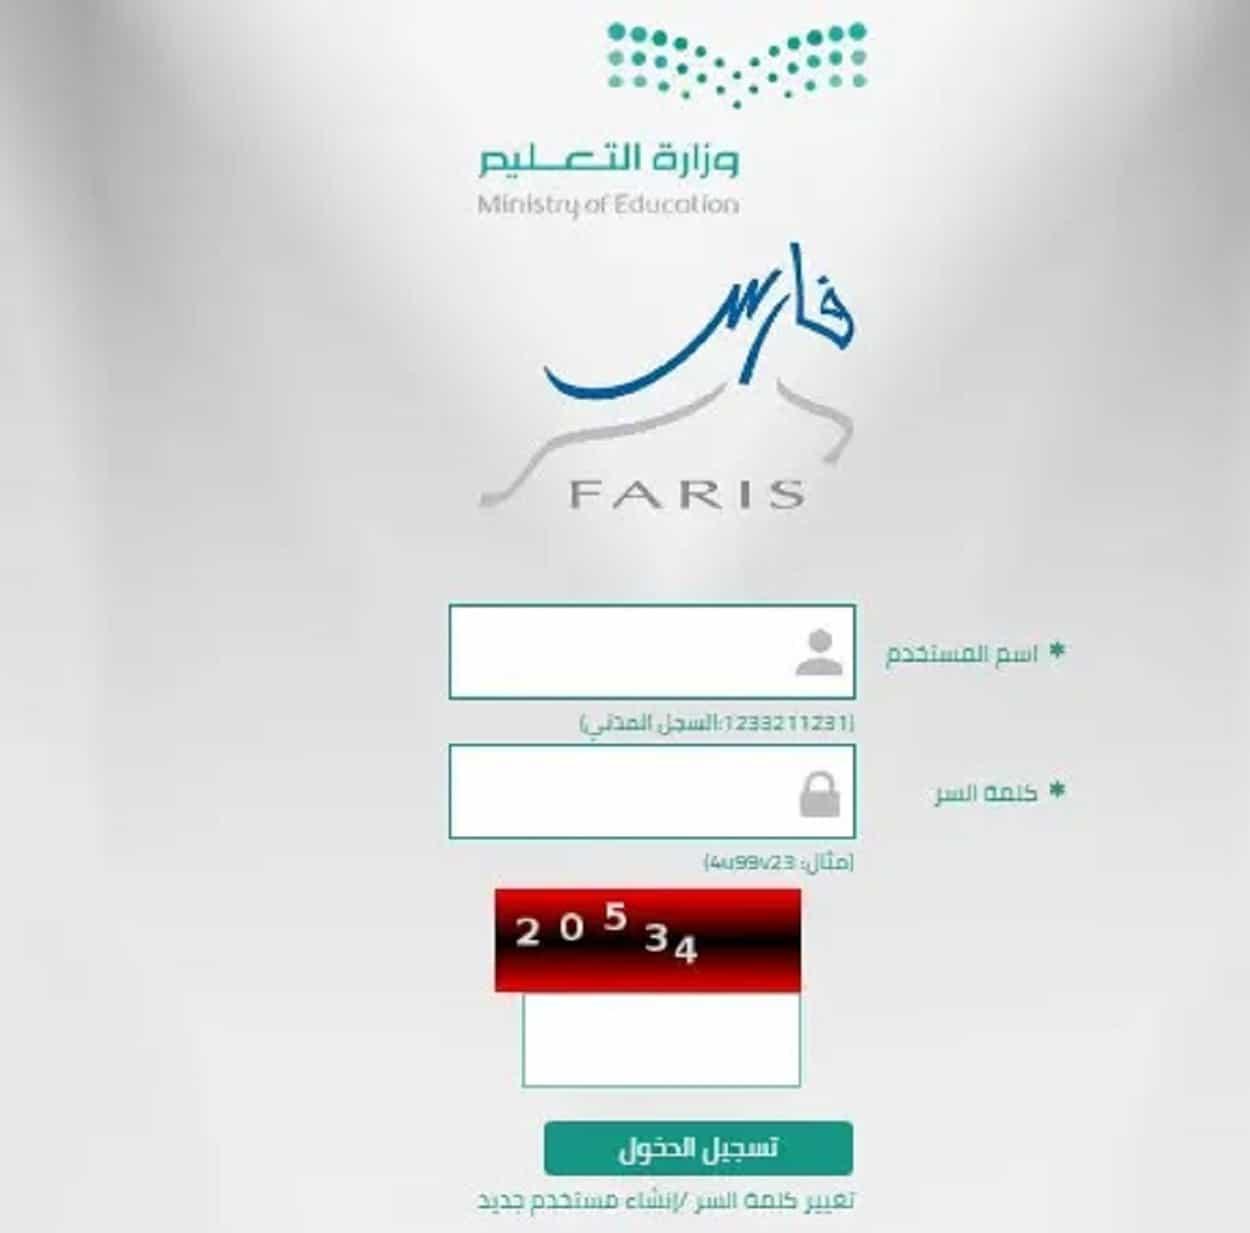 التسجيل في نظام فارس